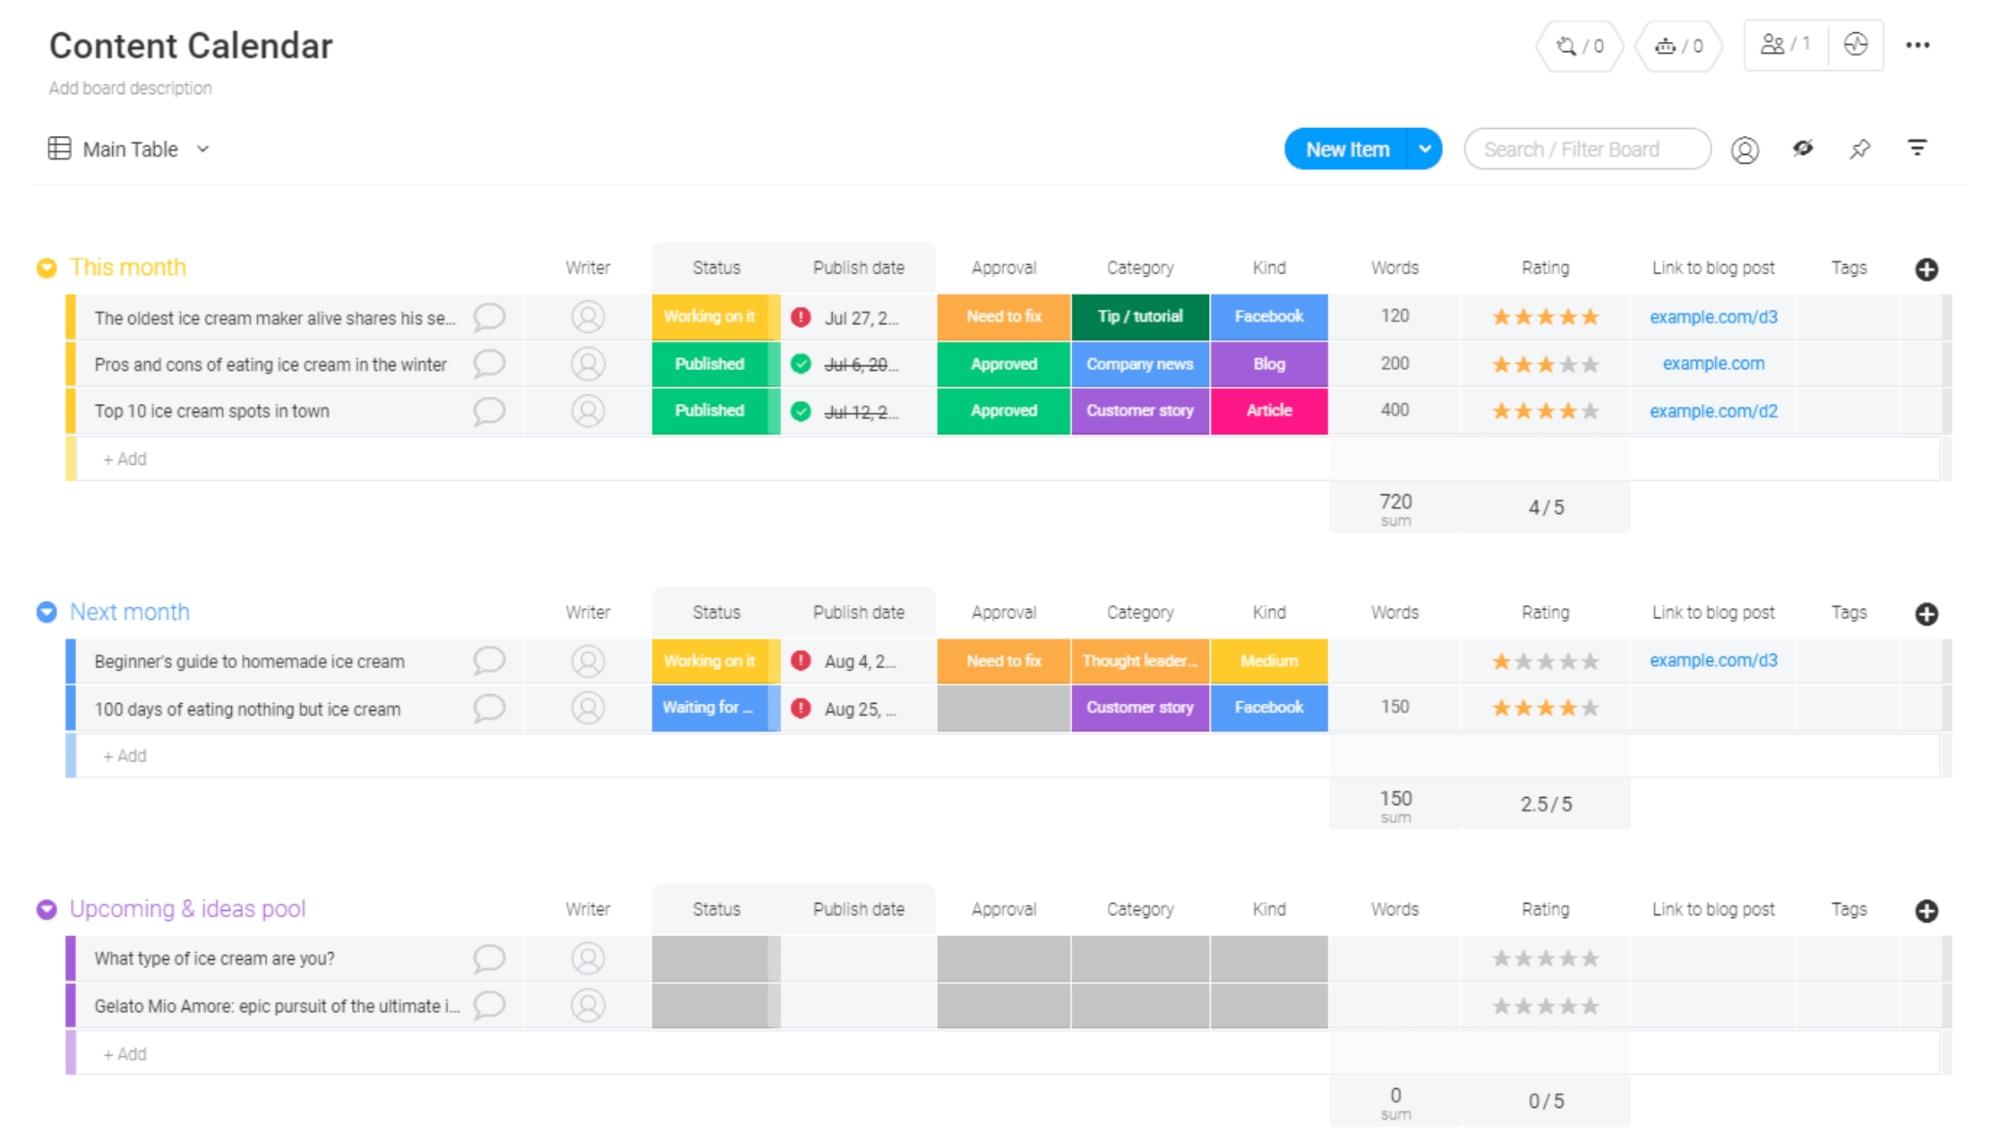 monday.com content calendar template